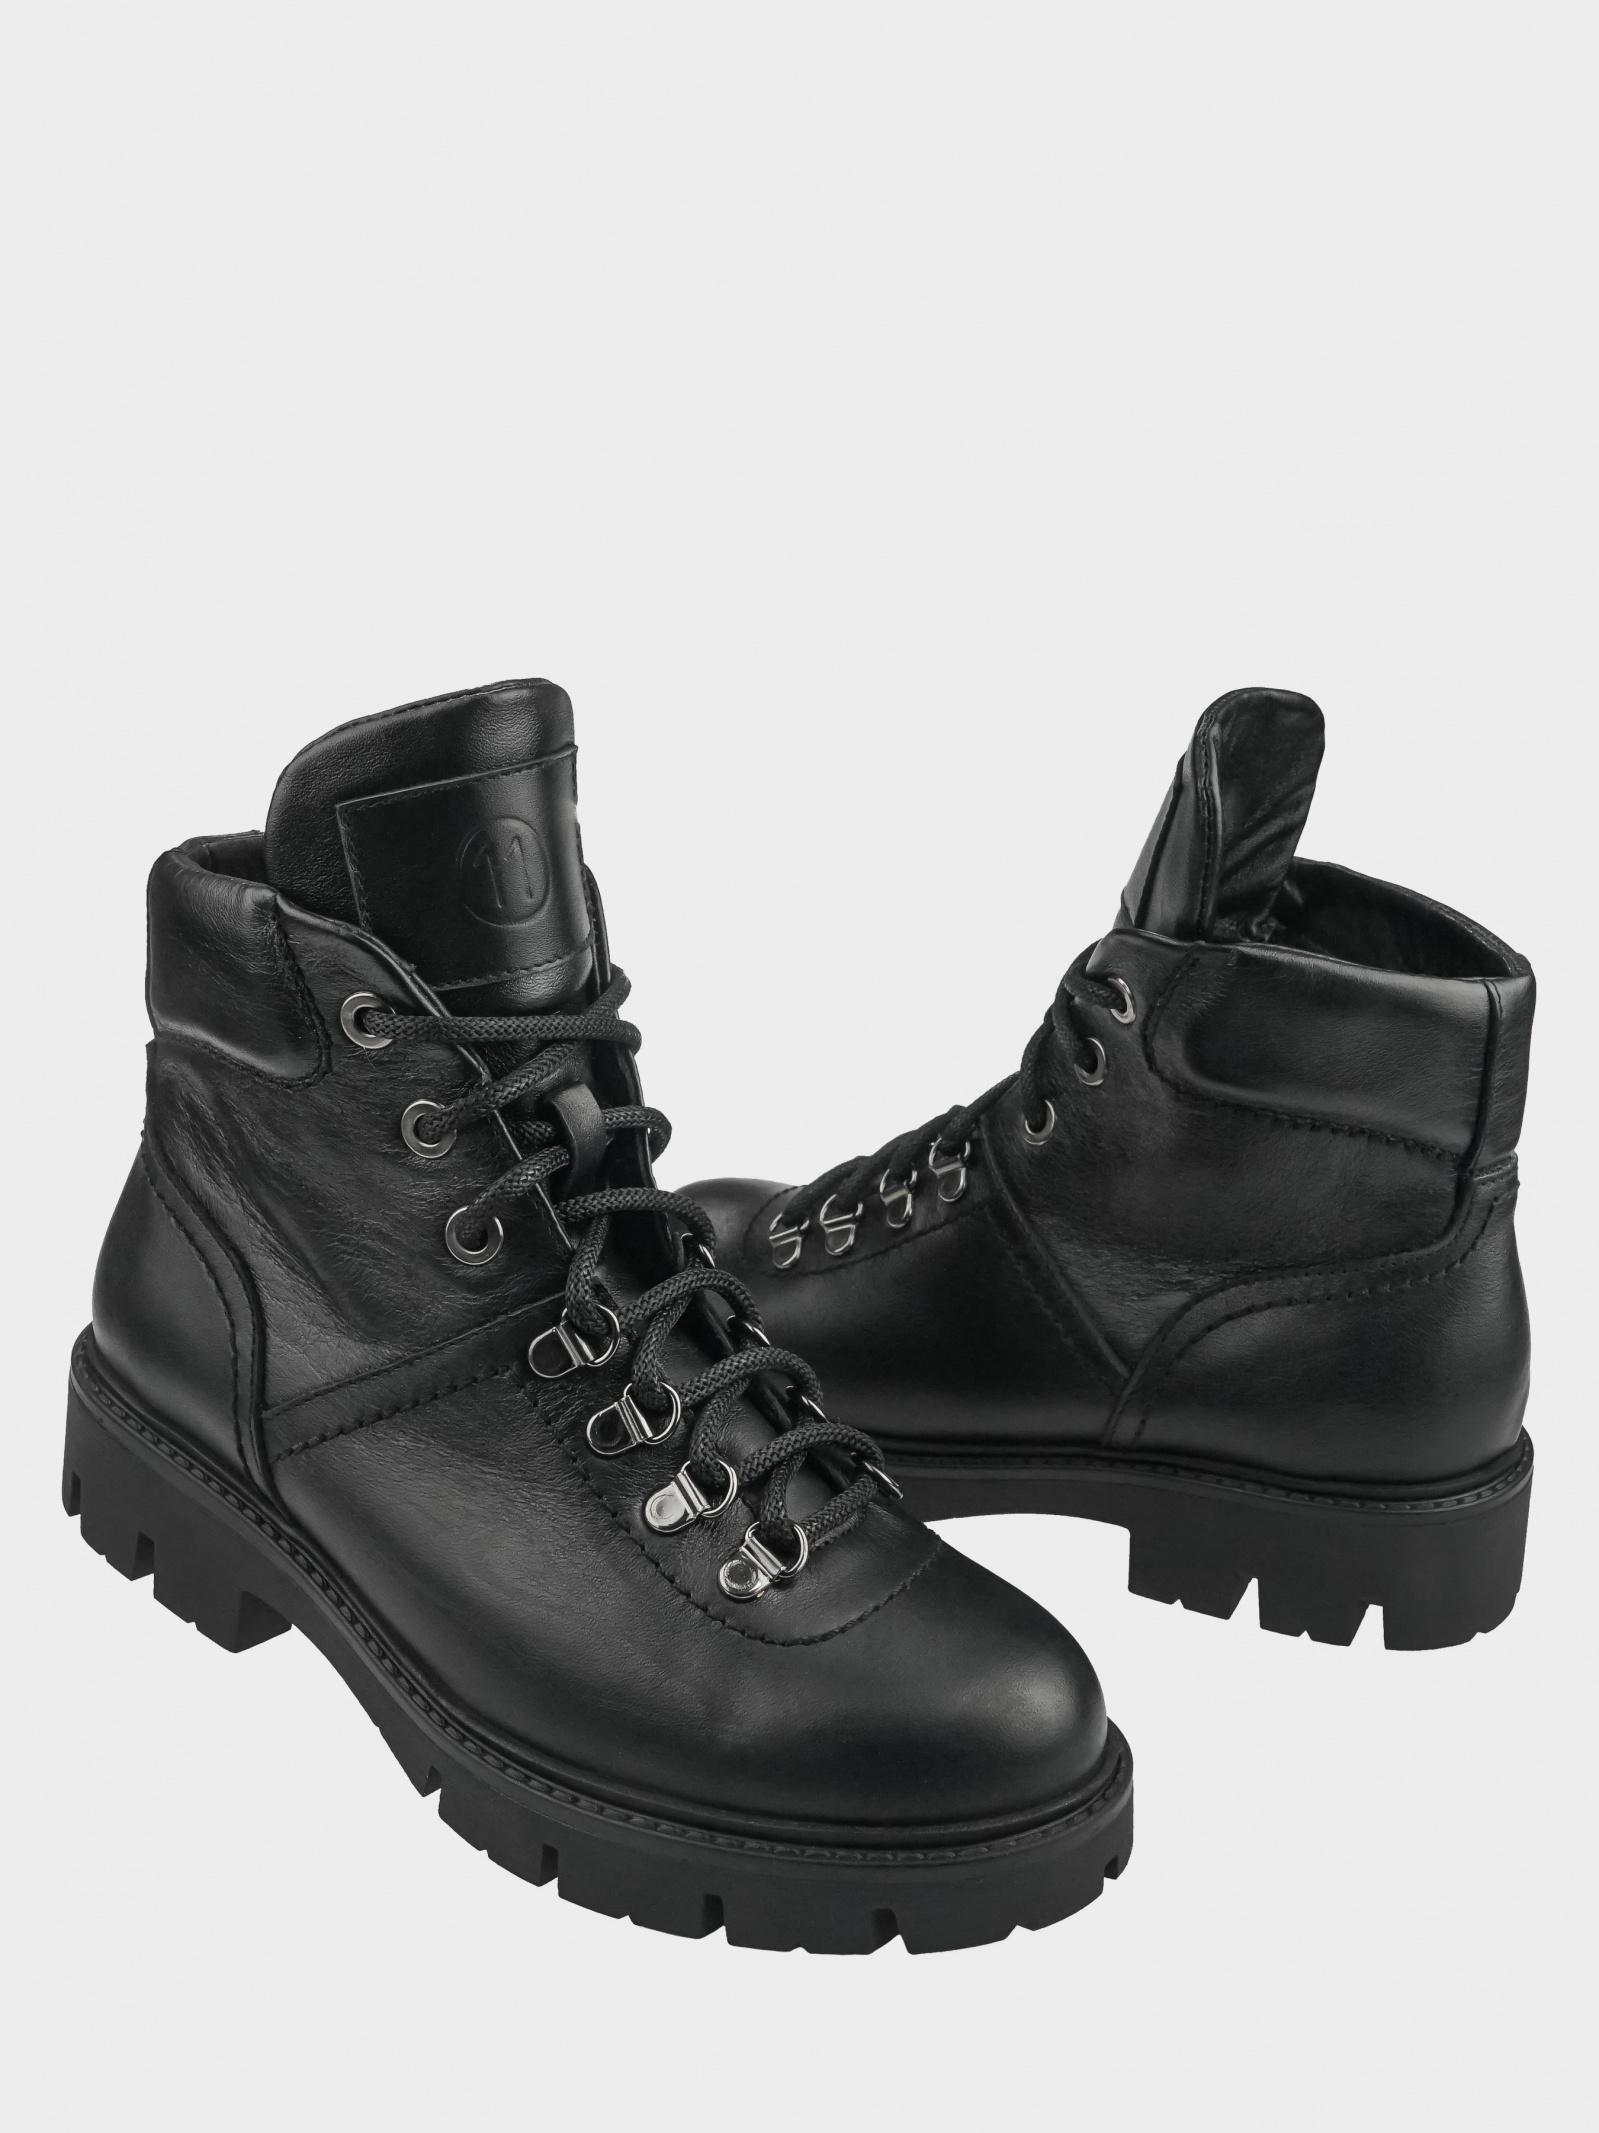 Ботинки для женщин 11 shoes AS-865 продажа, 2017